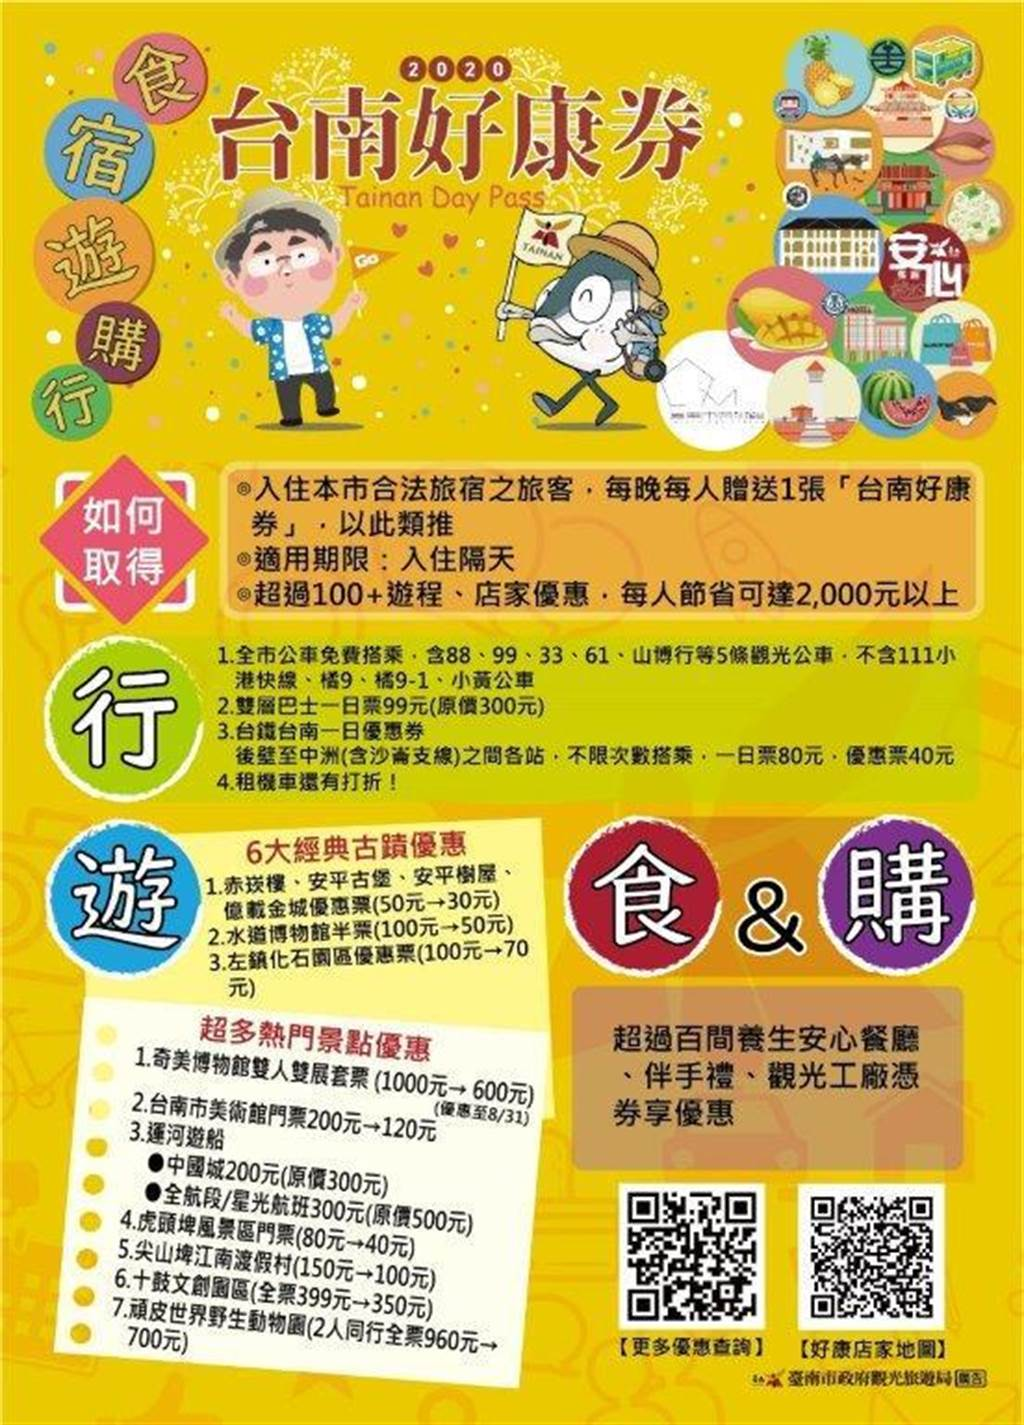 好康券將於7月15日開始發送。(台南市政府提供/李宜杰台南傳真)